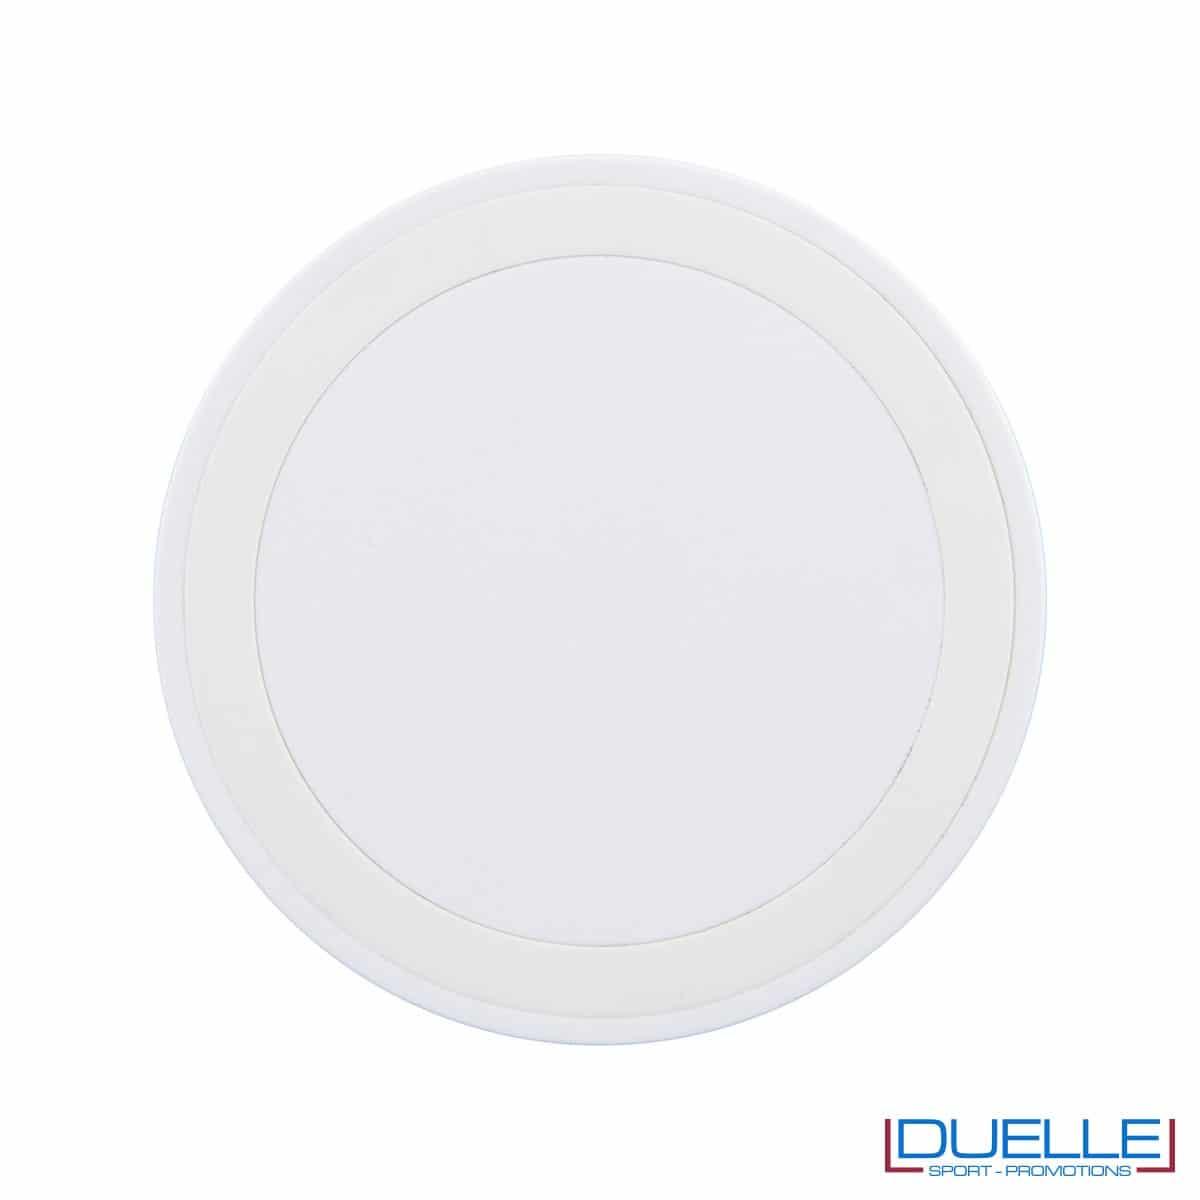 Base di ricarica wireless personalizzabile per smartphone bianco